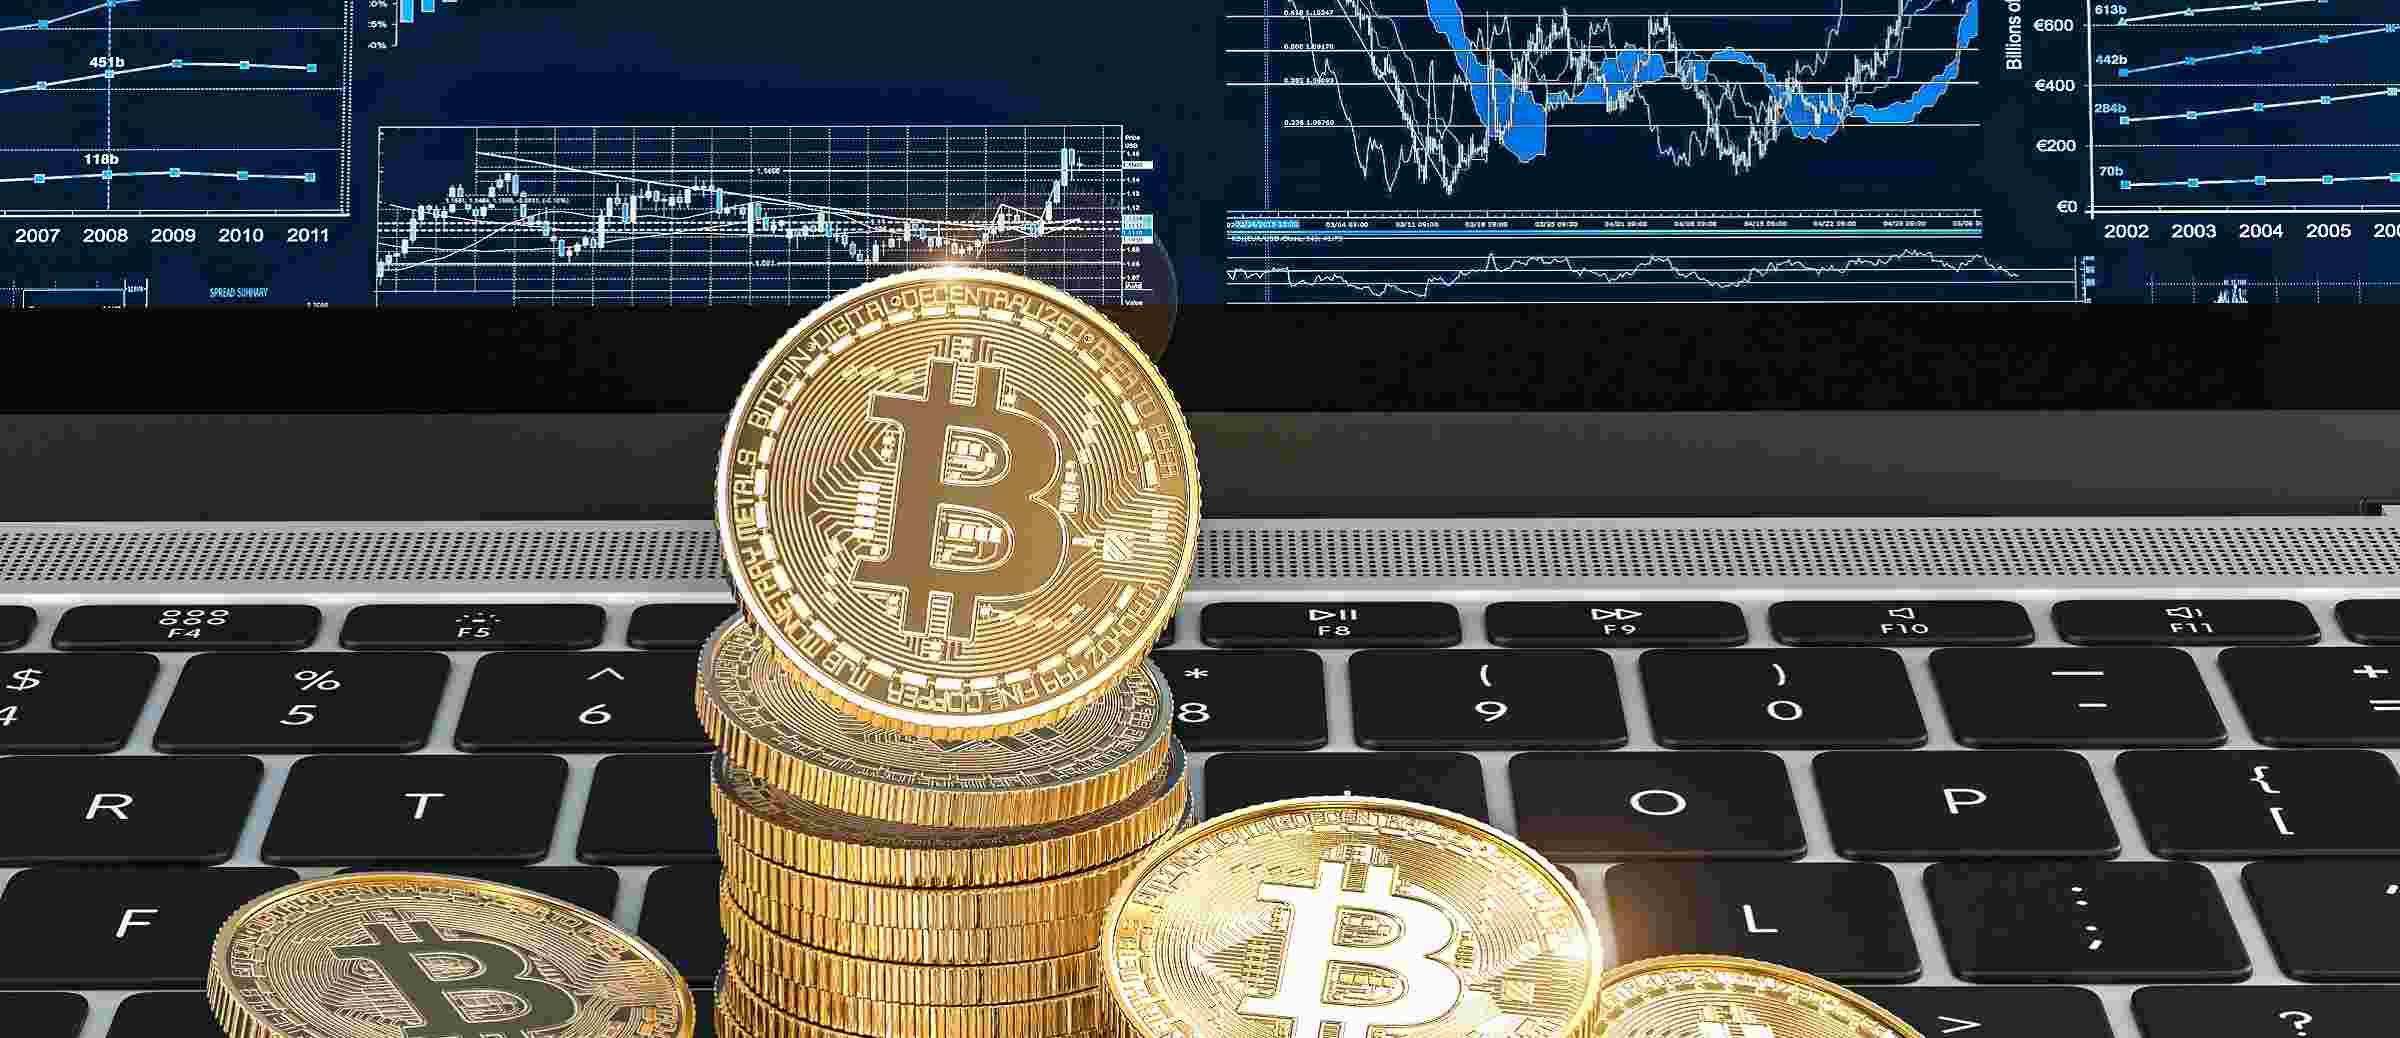 Trade de Bitcoin vale a pena? Conheça o preço médio